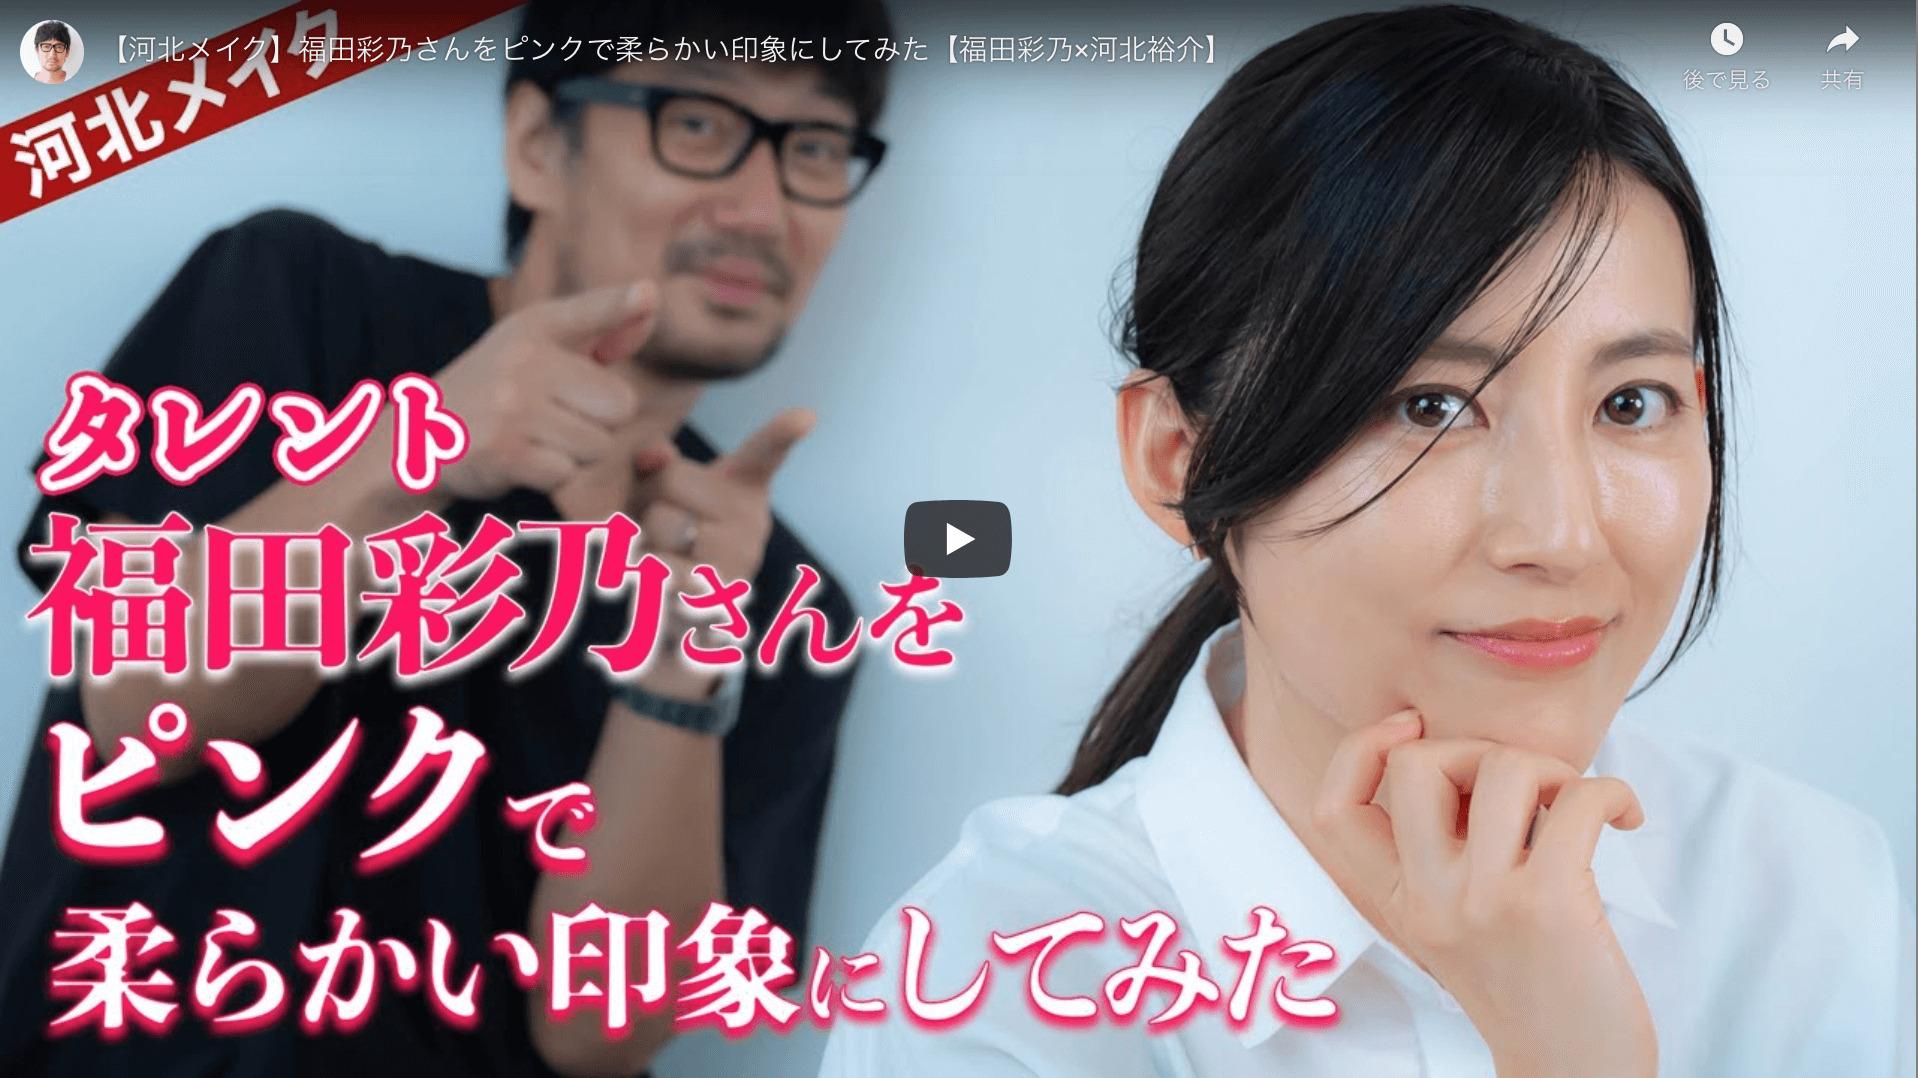 河北裕介さんが福田彩乃さんのメイクをYouTubeで解説!